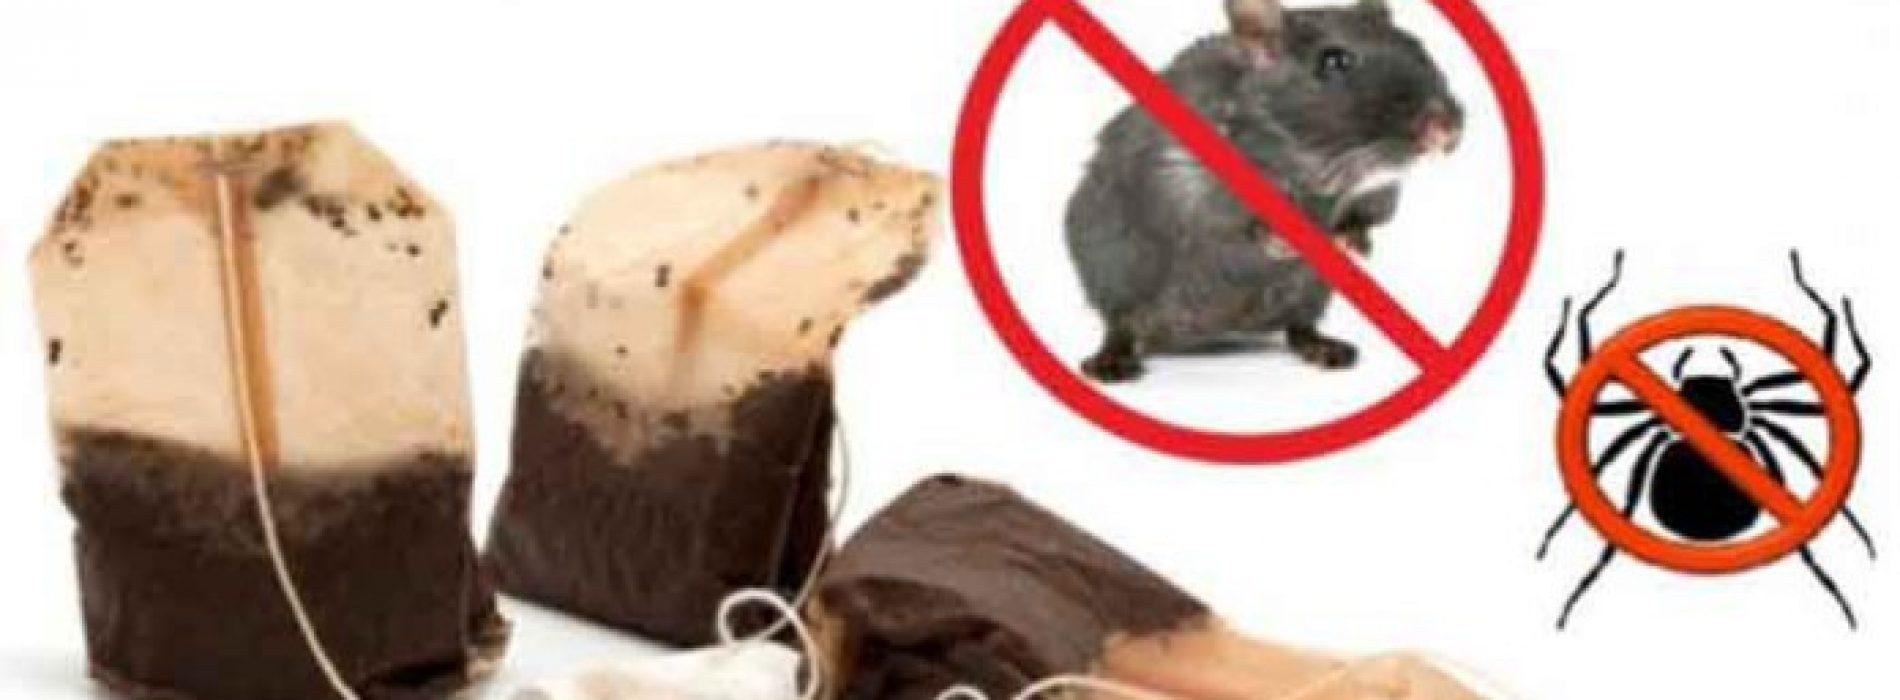 Als je 1 theezakje gebruikt, kom je nooit meer muizen of spinnen in je huis tegen